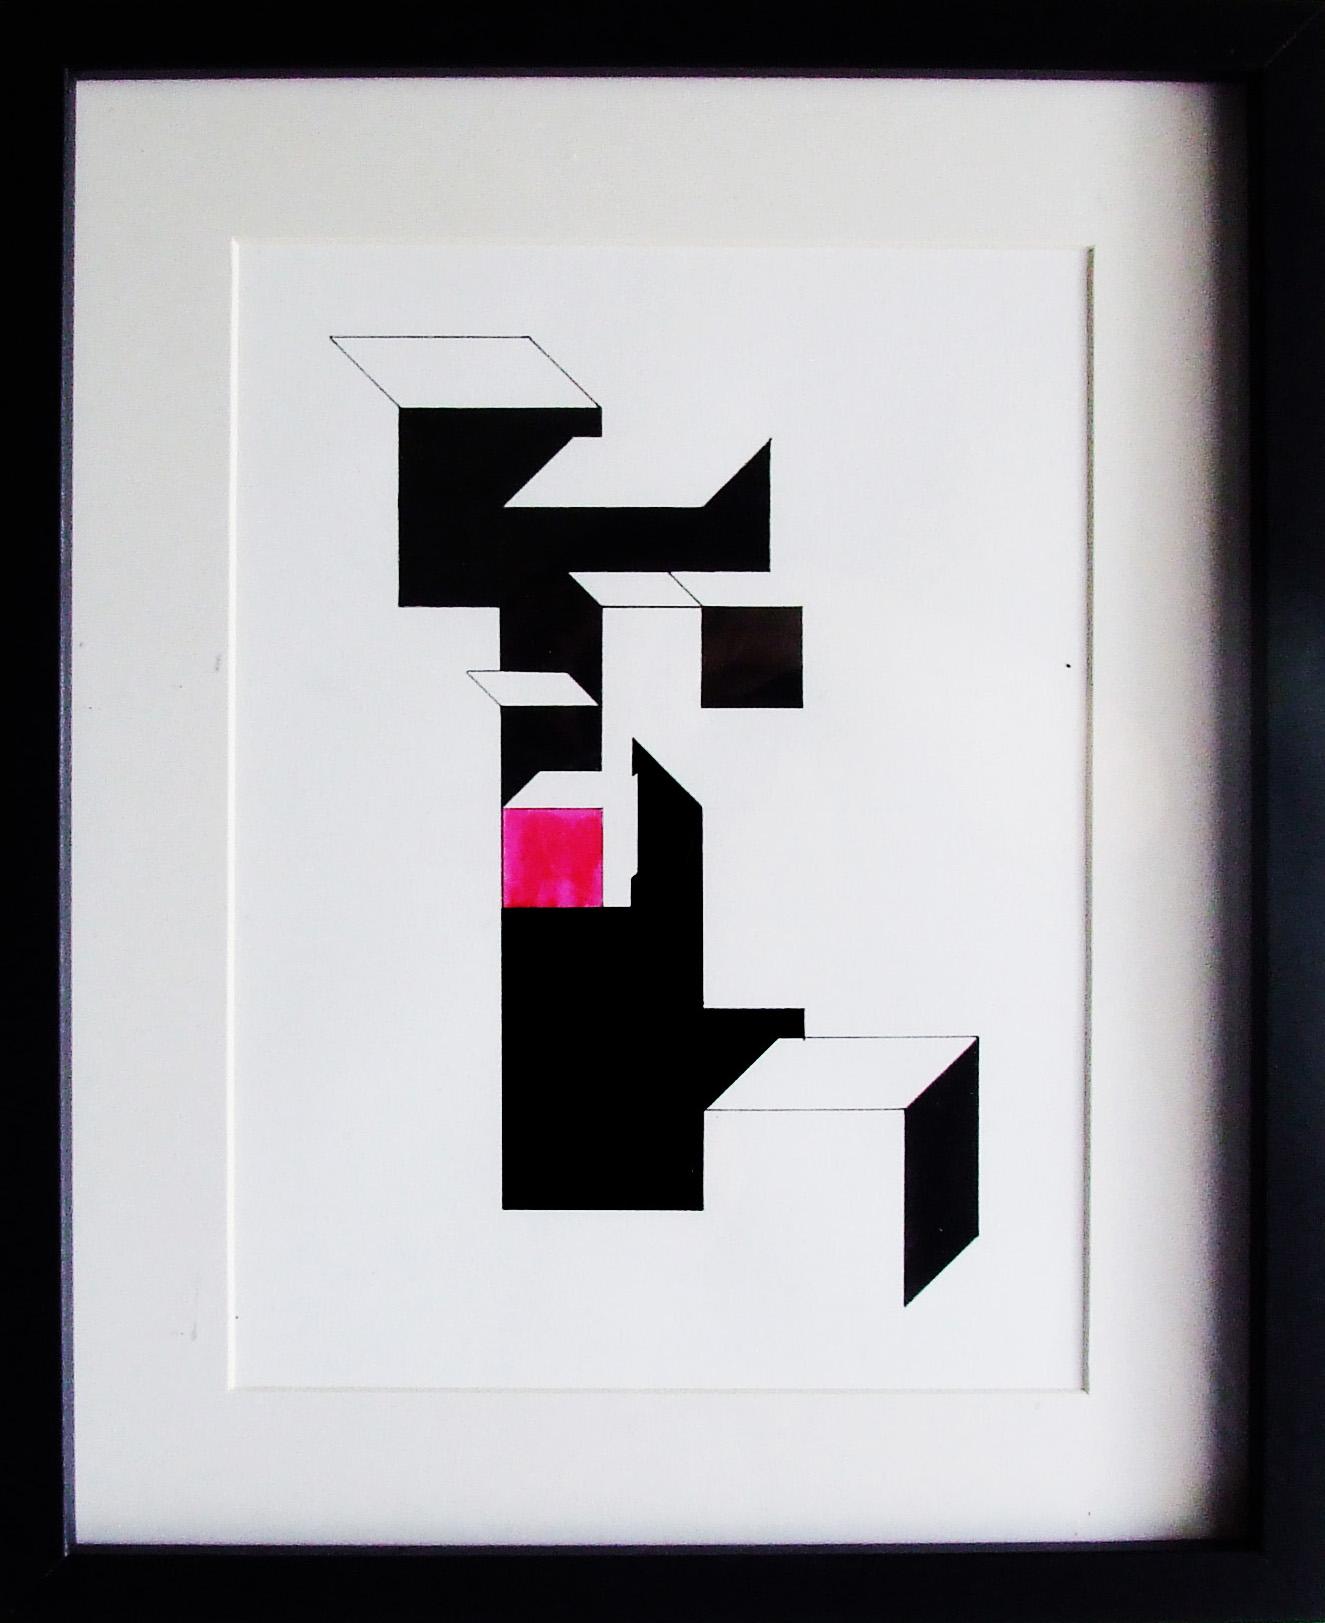 Série II, Construção VII, V, 2015